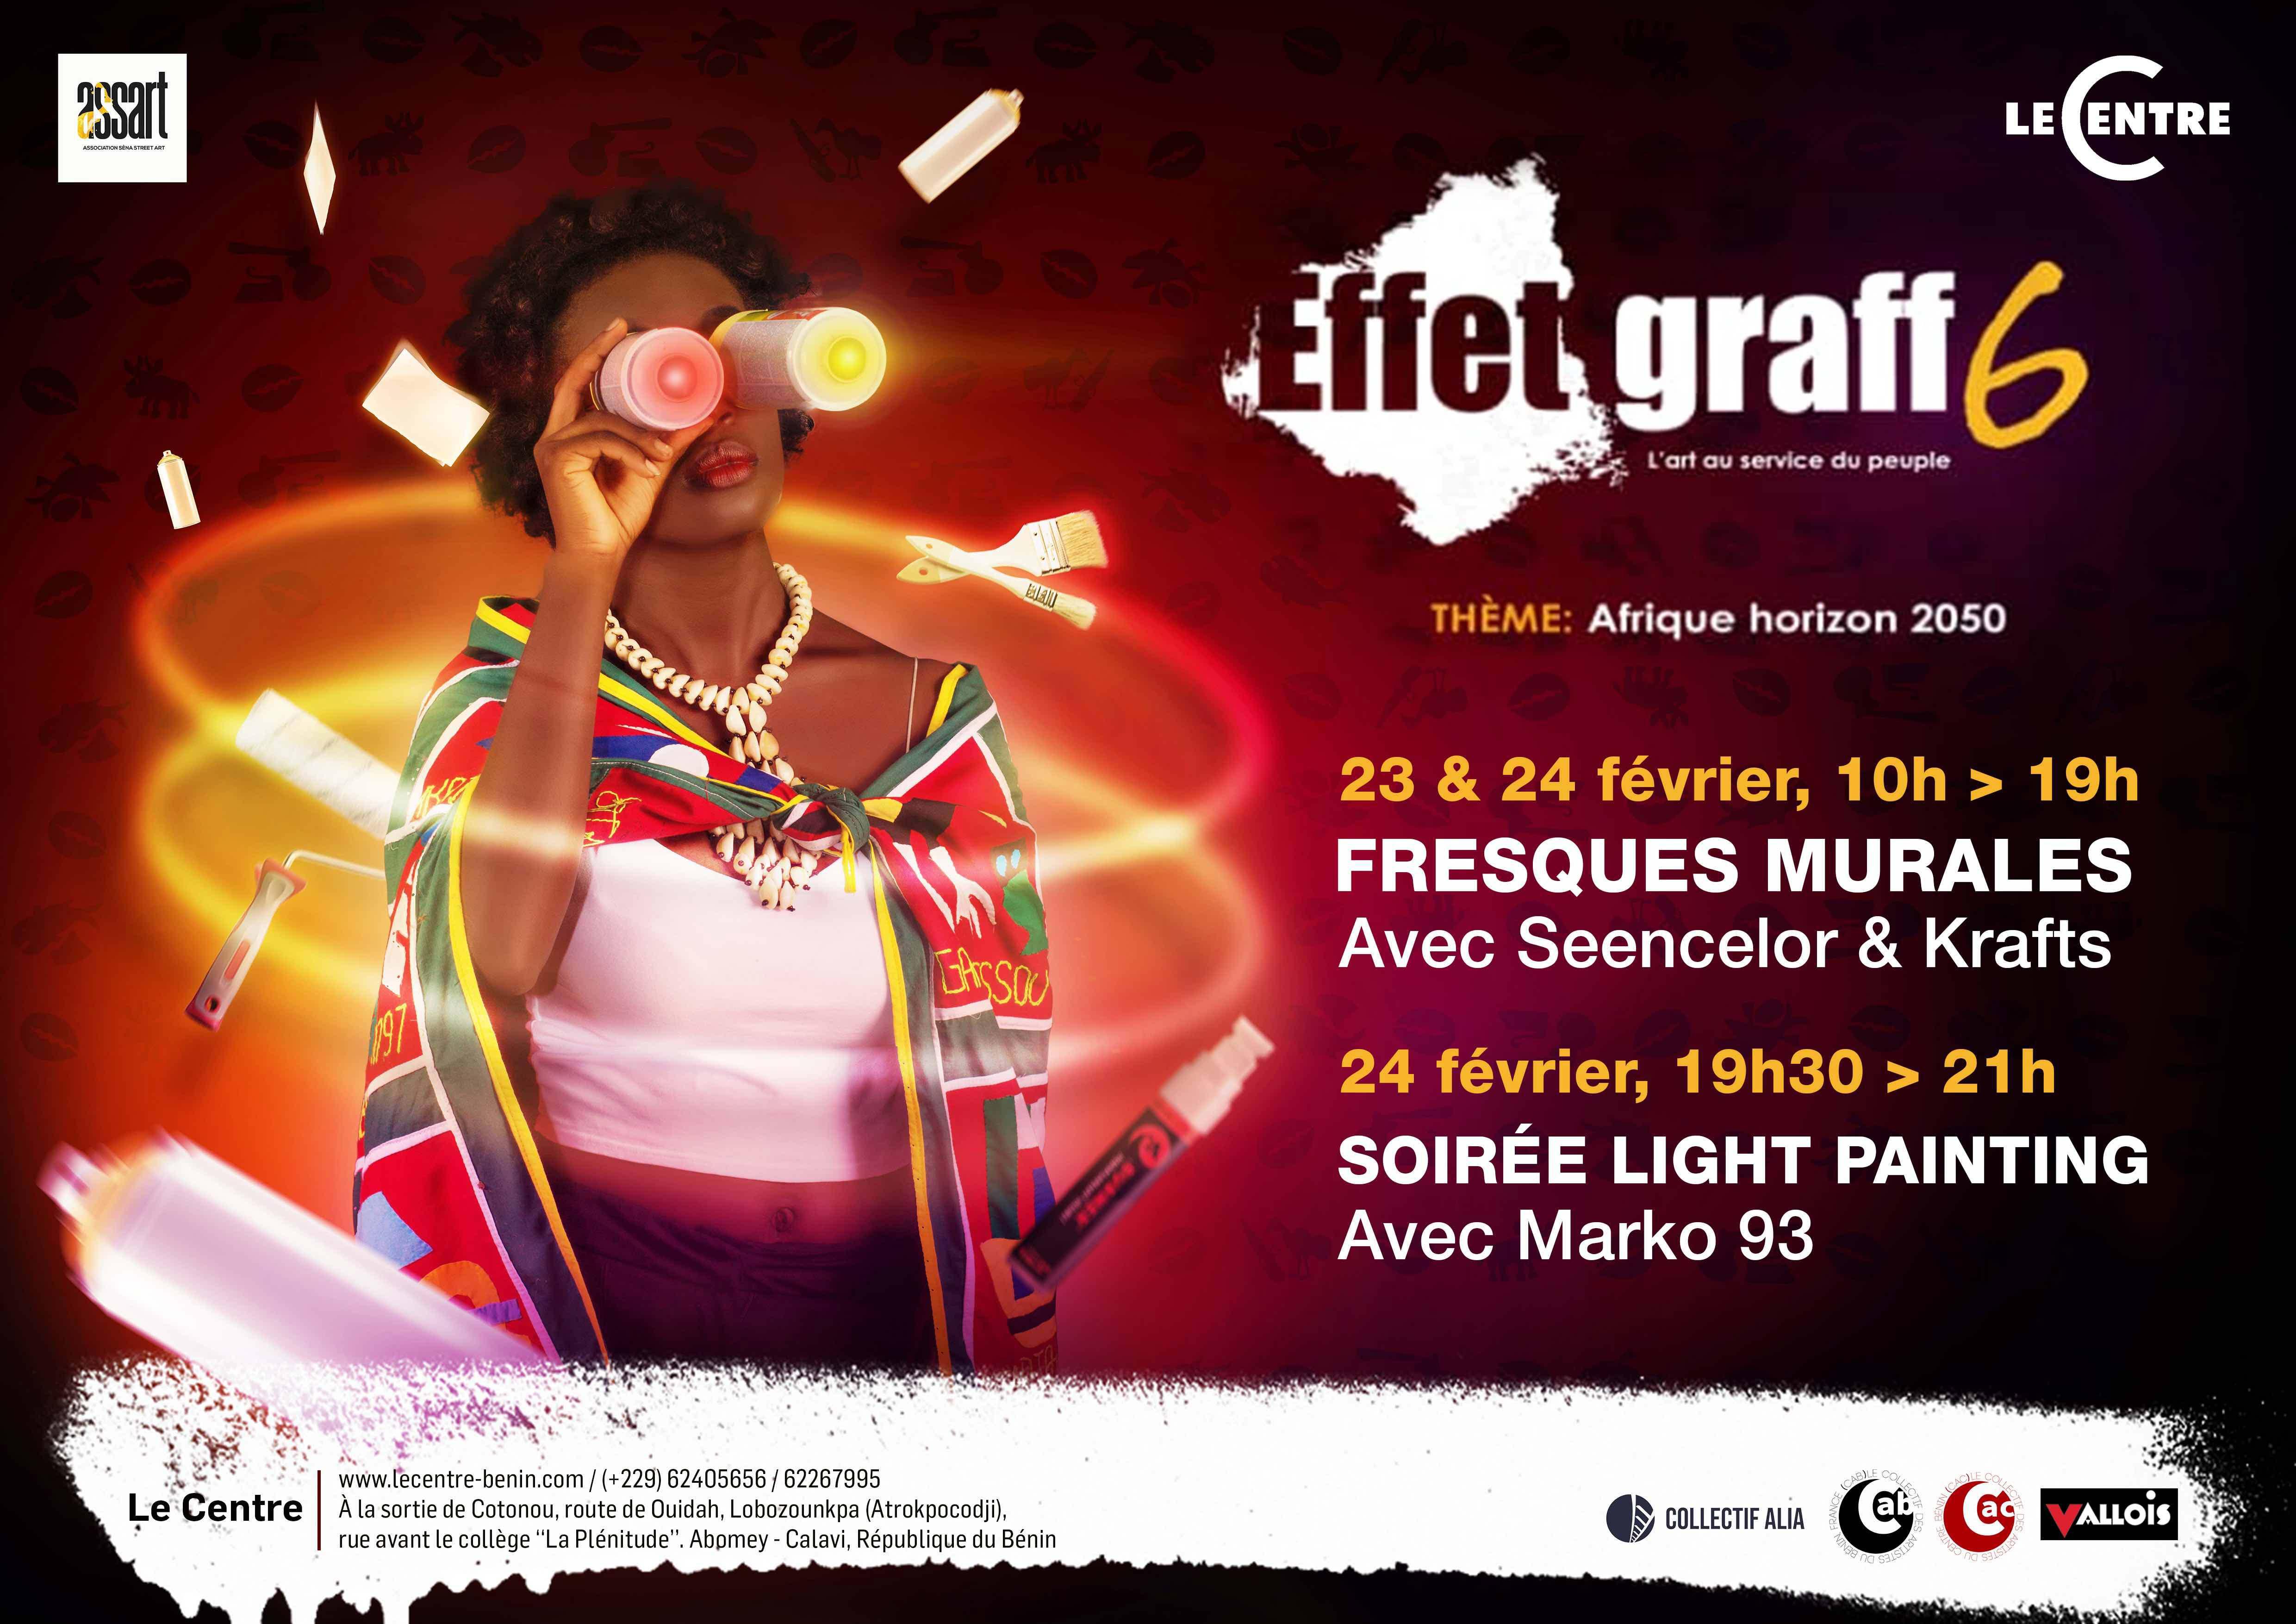 Festival Effet Graff #6